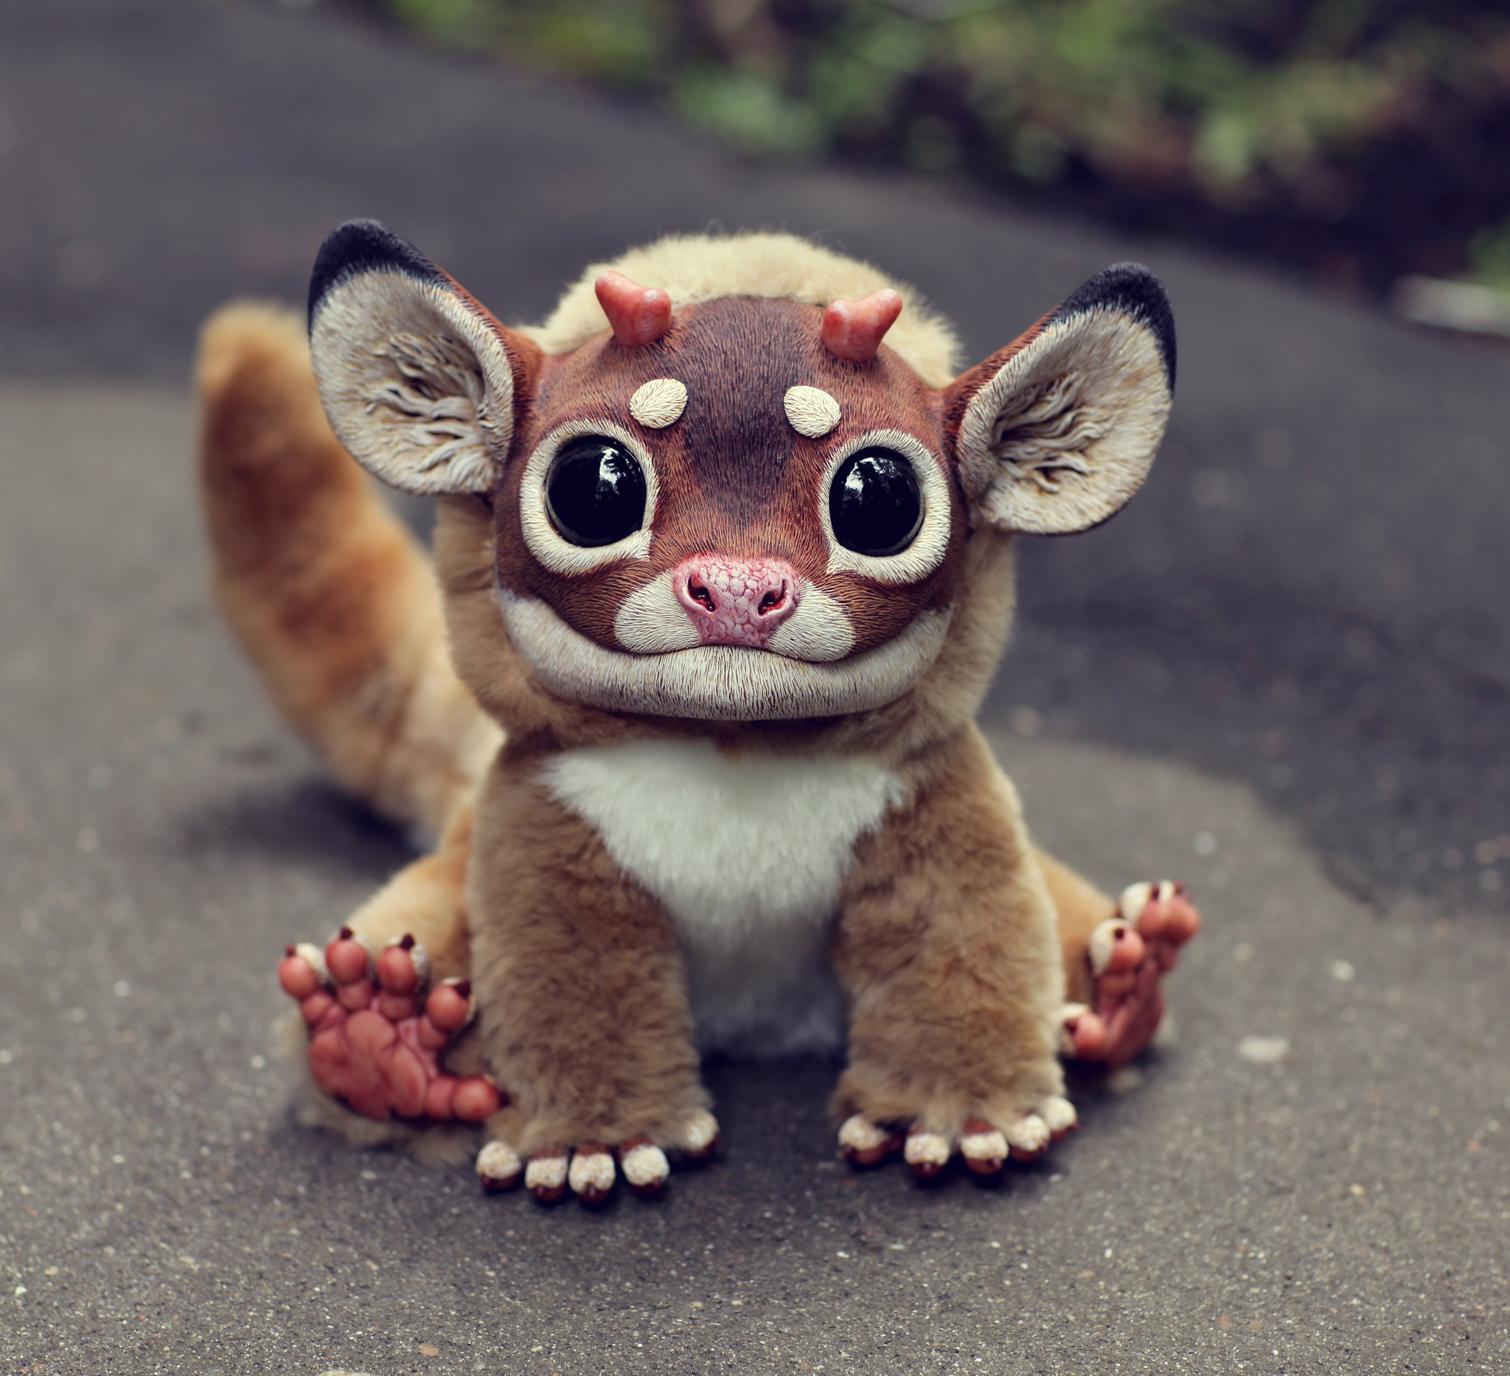 少しばかり前、架空動物のおそろしくリアルなおもちゃが外国の各種ウェブサイト上で紹介された。恐ろしいのに可愛くおもしろいイメージがメディアの注目を集めた。